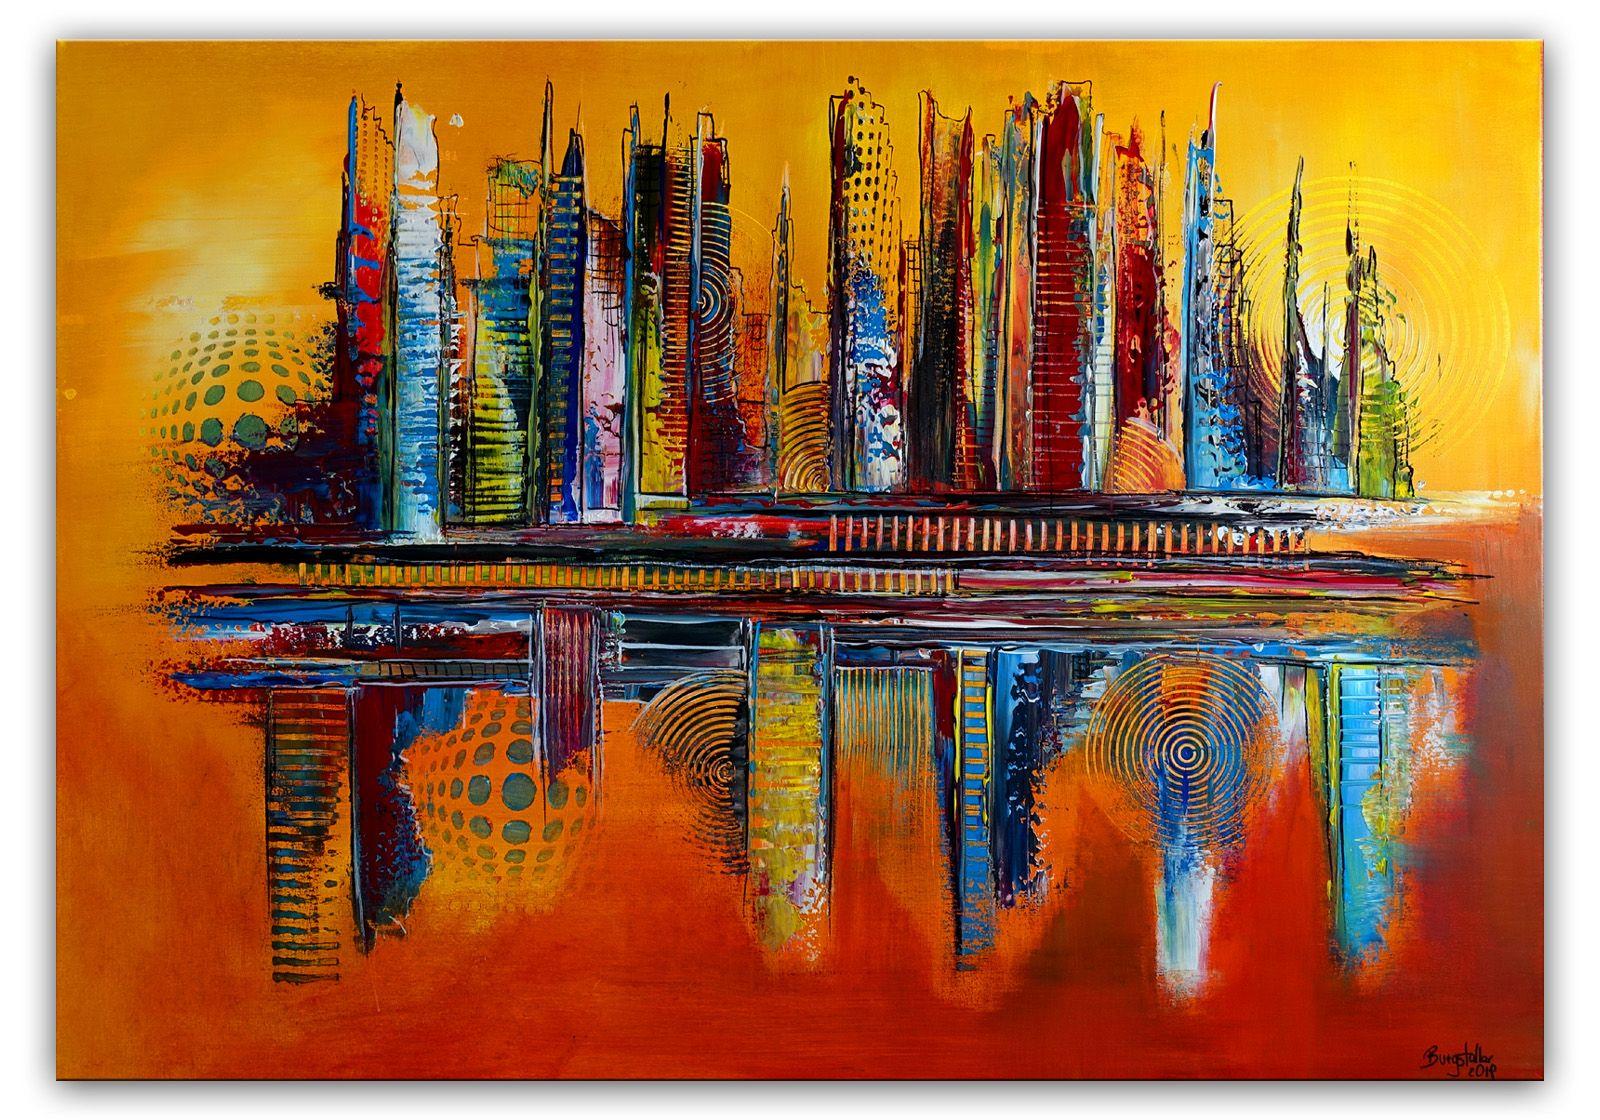 leinwandbild abstrakt gelb rot acrylgemalde handgemalt leinwandbilder abstraktes gemalde acrylmalerei klassische moderne bilder acrylbilder modern art